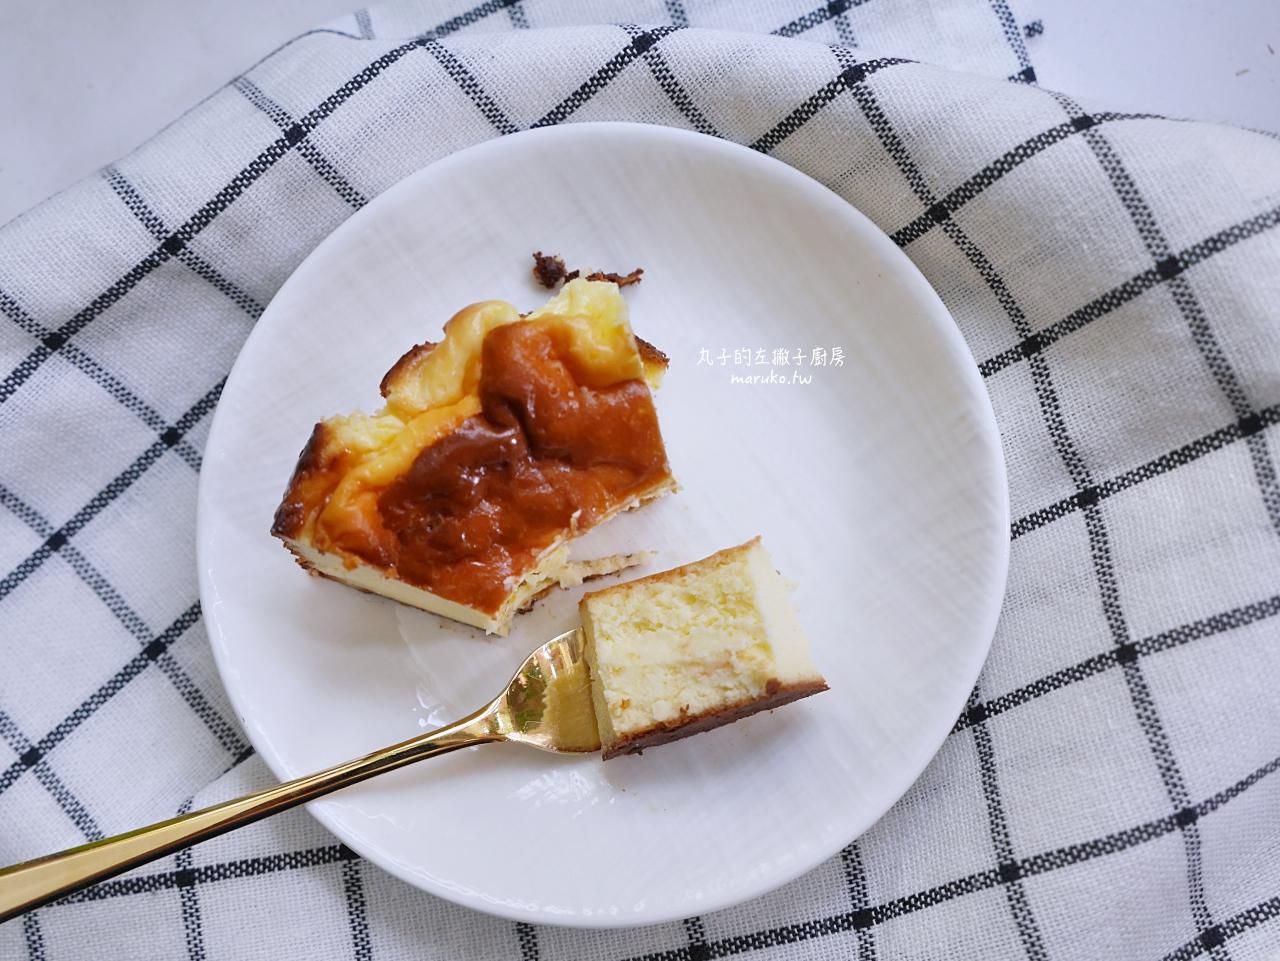 【沖繩旅遊】沖繩行程|不開車玩沖繩五天四夜自由行吃美食景點行程規劃 @Maruko與美食有個約會